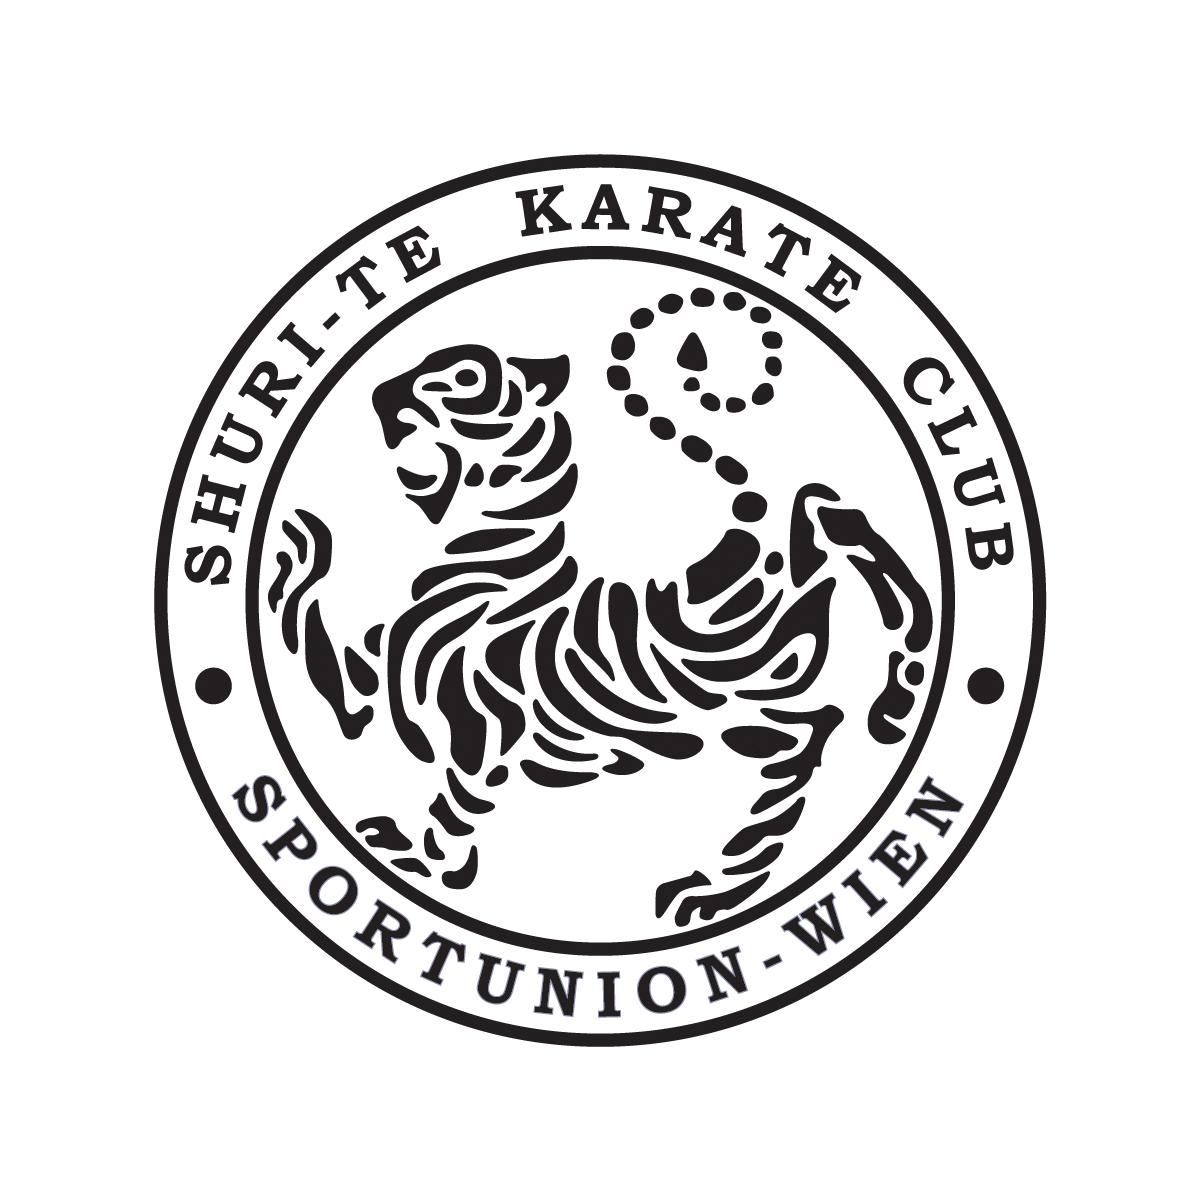 Shuri-Te Karate Club